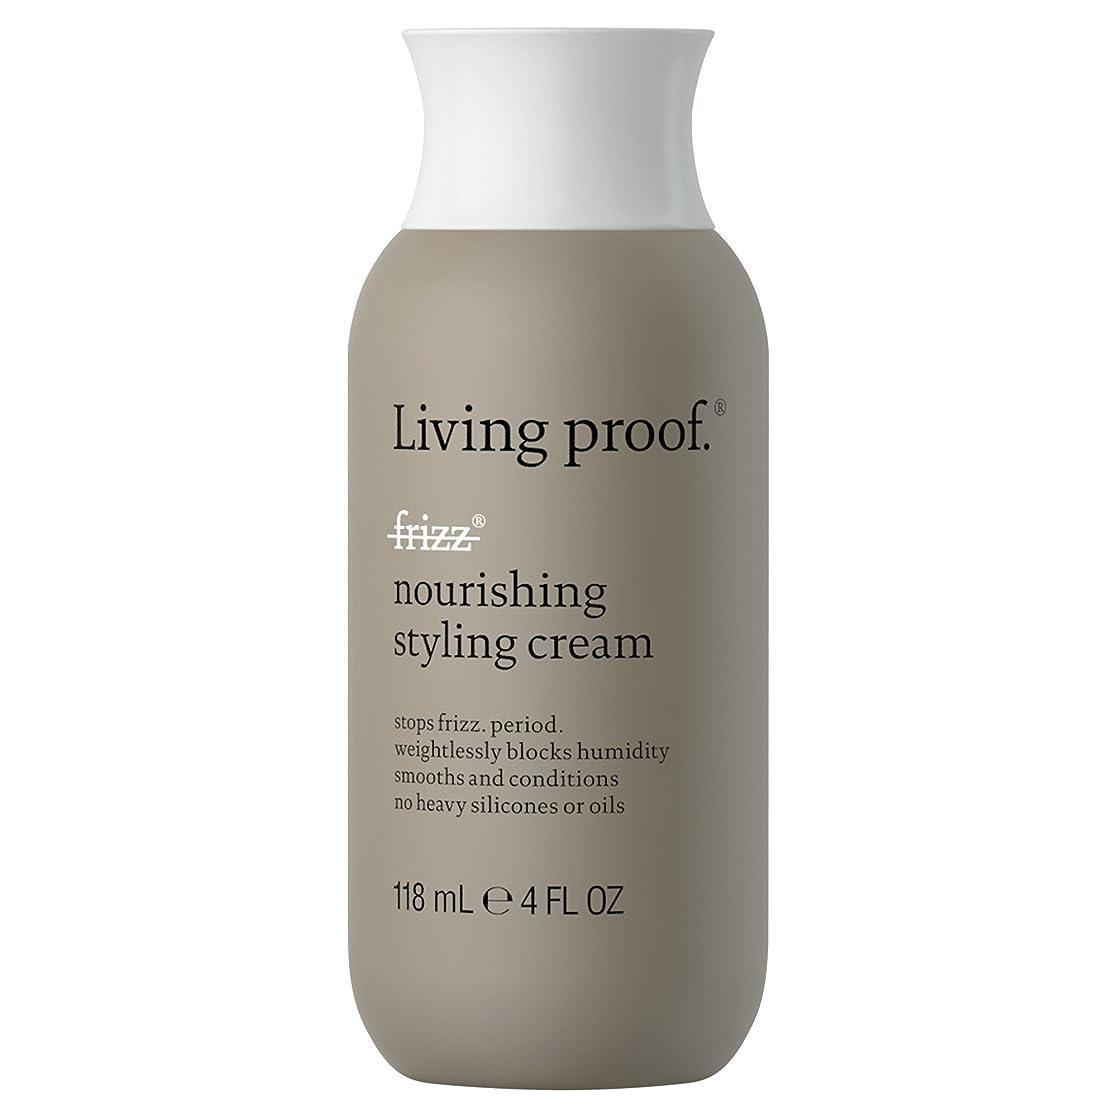 練習アーティスト線生きている証拠なし縮れ栄養スタイリングクリーム118ミリリットル (Living Proof) - Living Proof No Frizz Nourishing Styling Cream 118ml [並行輸入品]